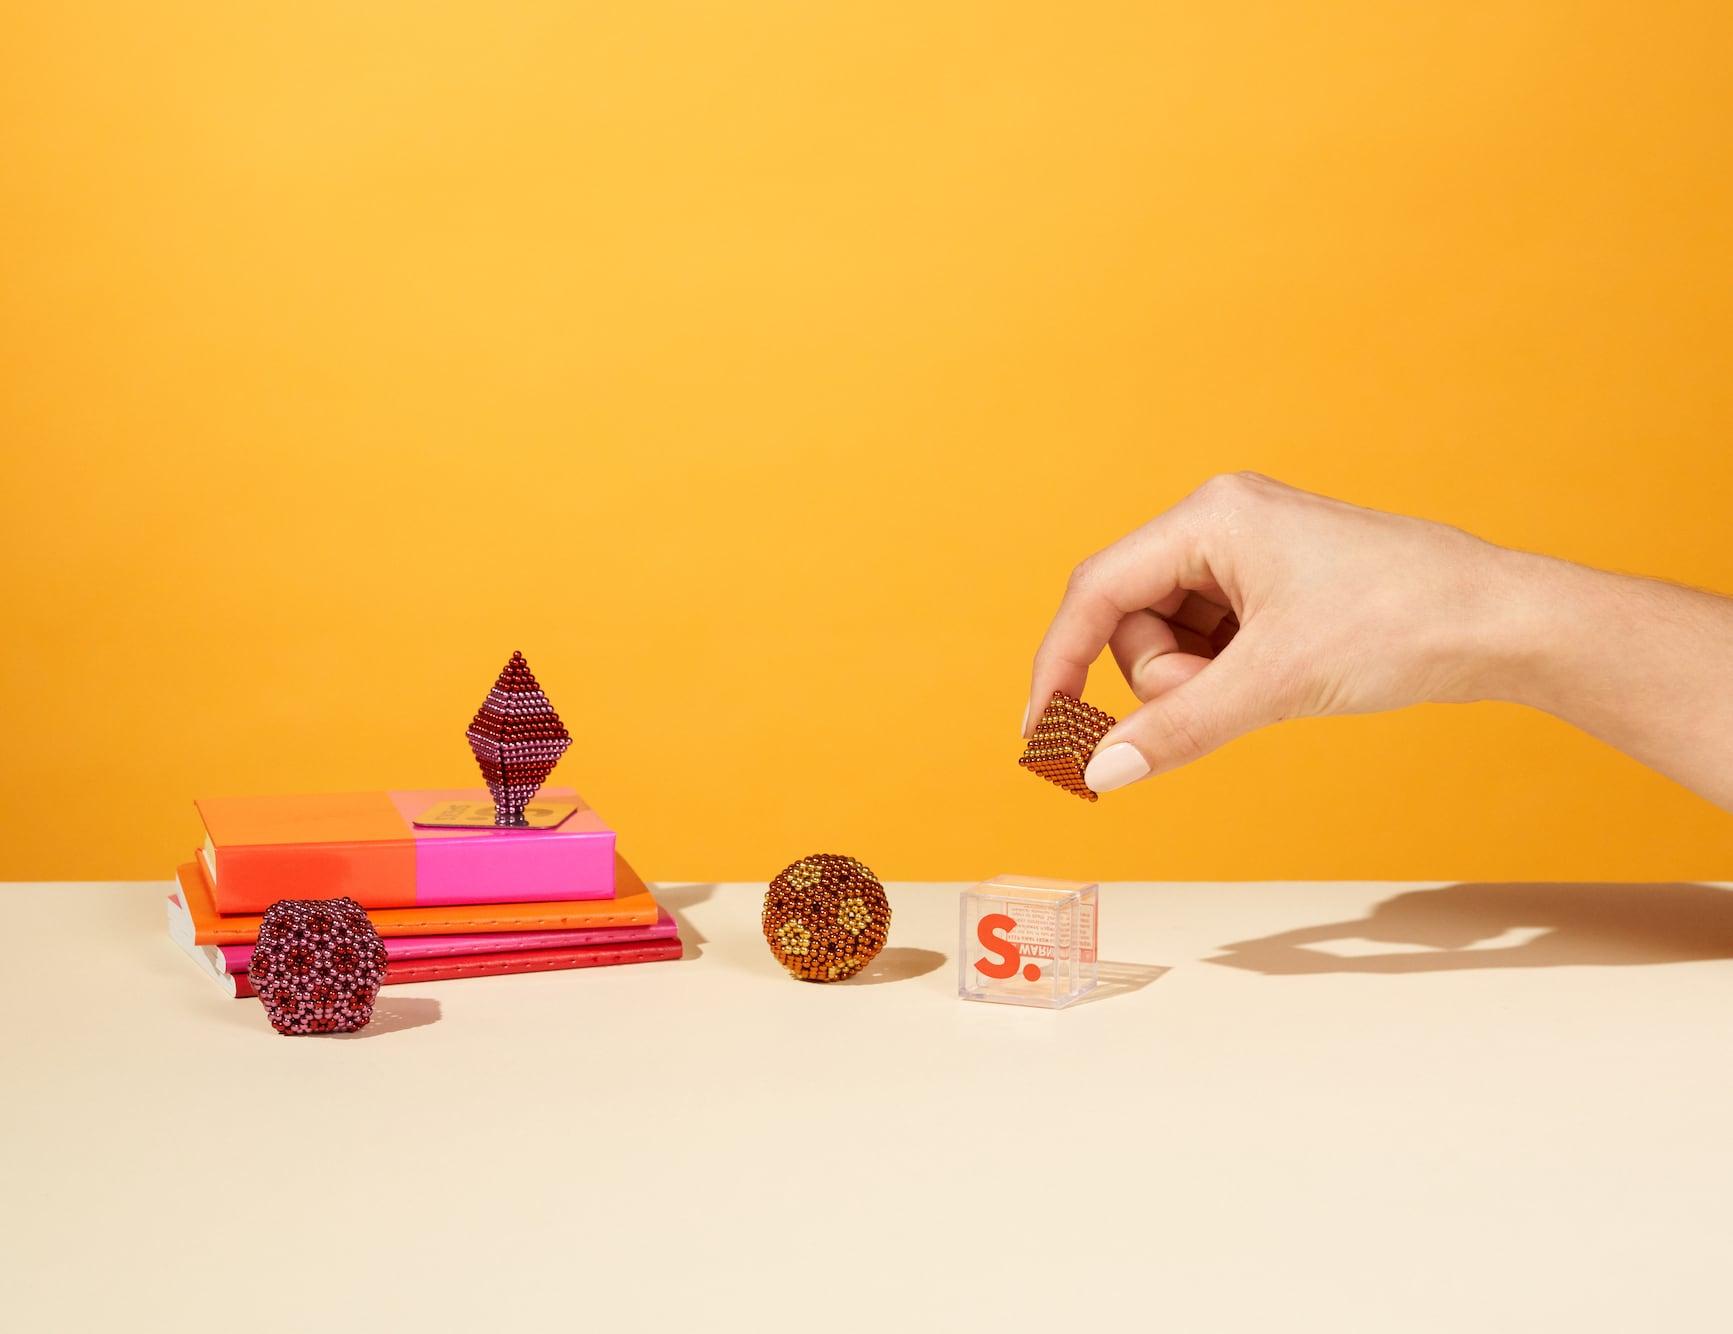 Speks Magnetic Desk Toys